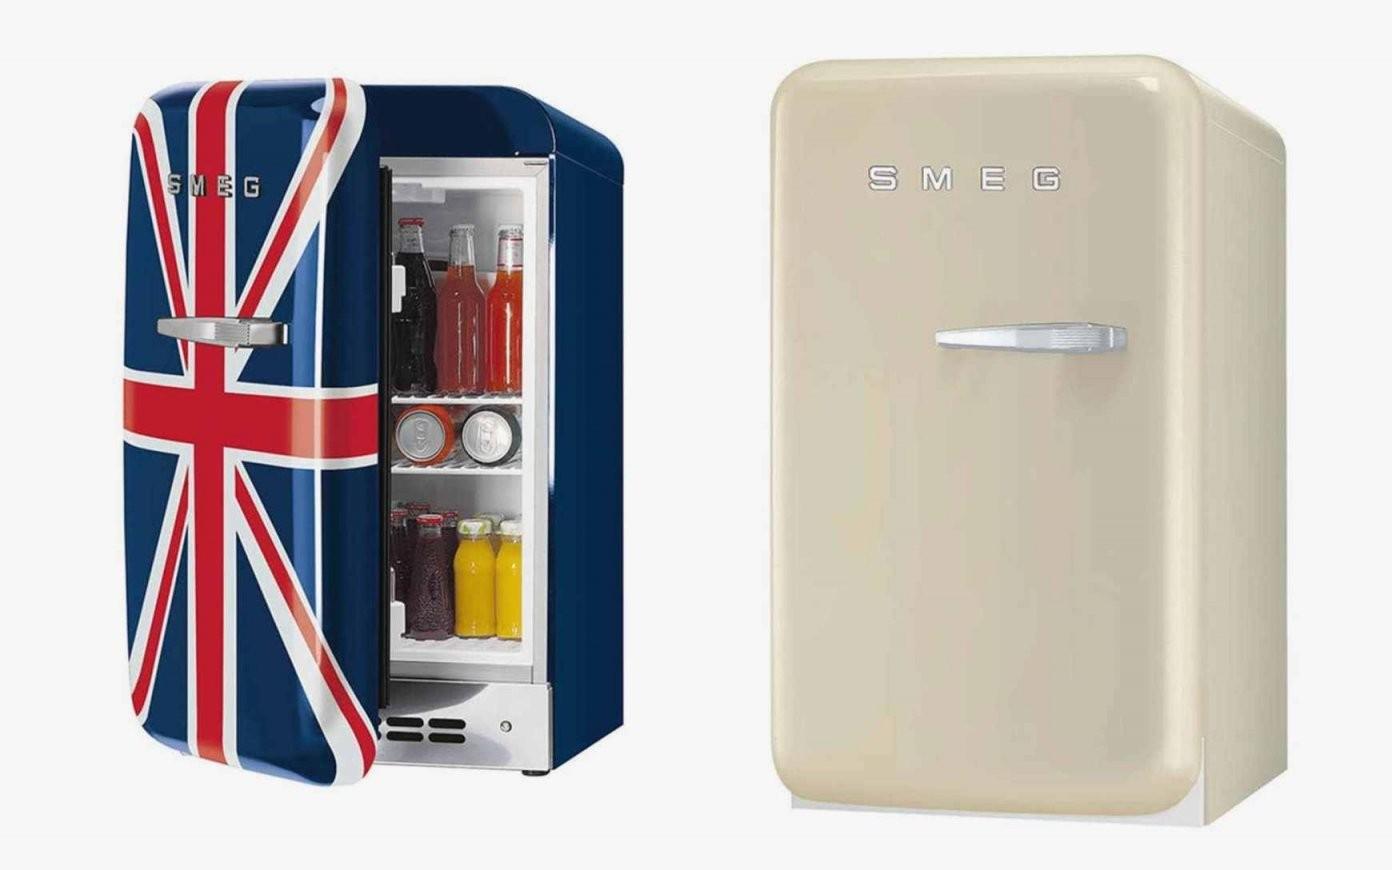 Greenbelt Bowl ⁓ Try These Mini Kühlschrank Media Markt von Kühlschrank Ohne Gefrierfach Media Markt Bild